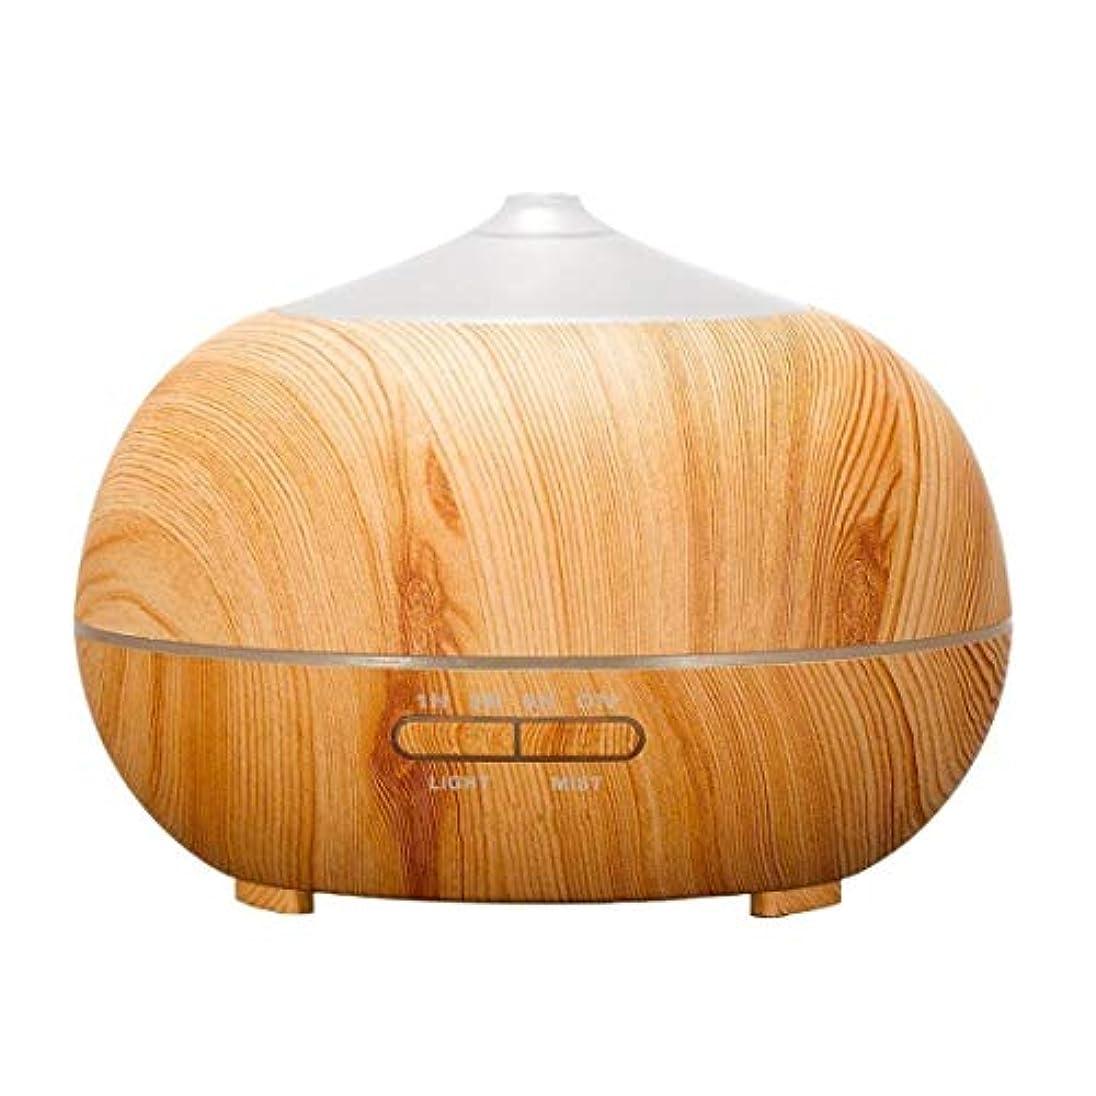 静める温度計ライナーオフィスホームベッドルーム用超音波空気加湿器-アロマディフューザー-エッセンシャルオイルディフューザー-快適に眠り、職場を簡単に制御できる超静音